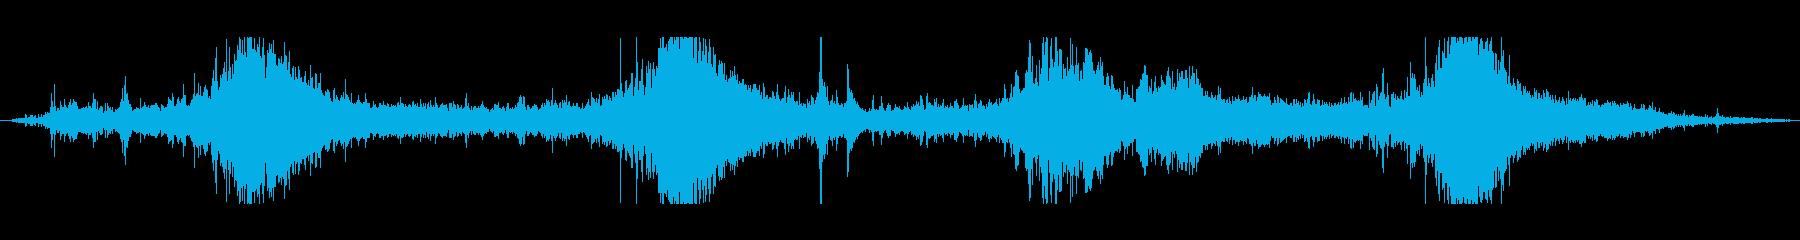 ジェットスキーパスの再生済みの波形